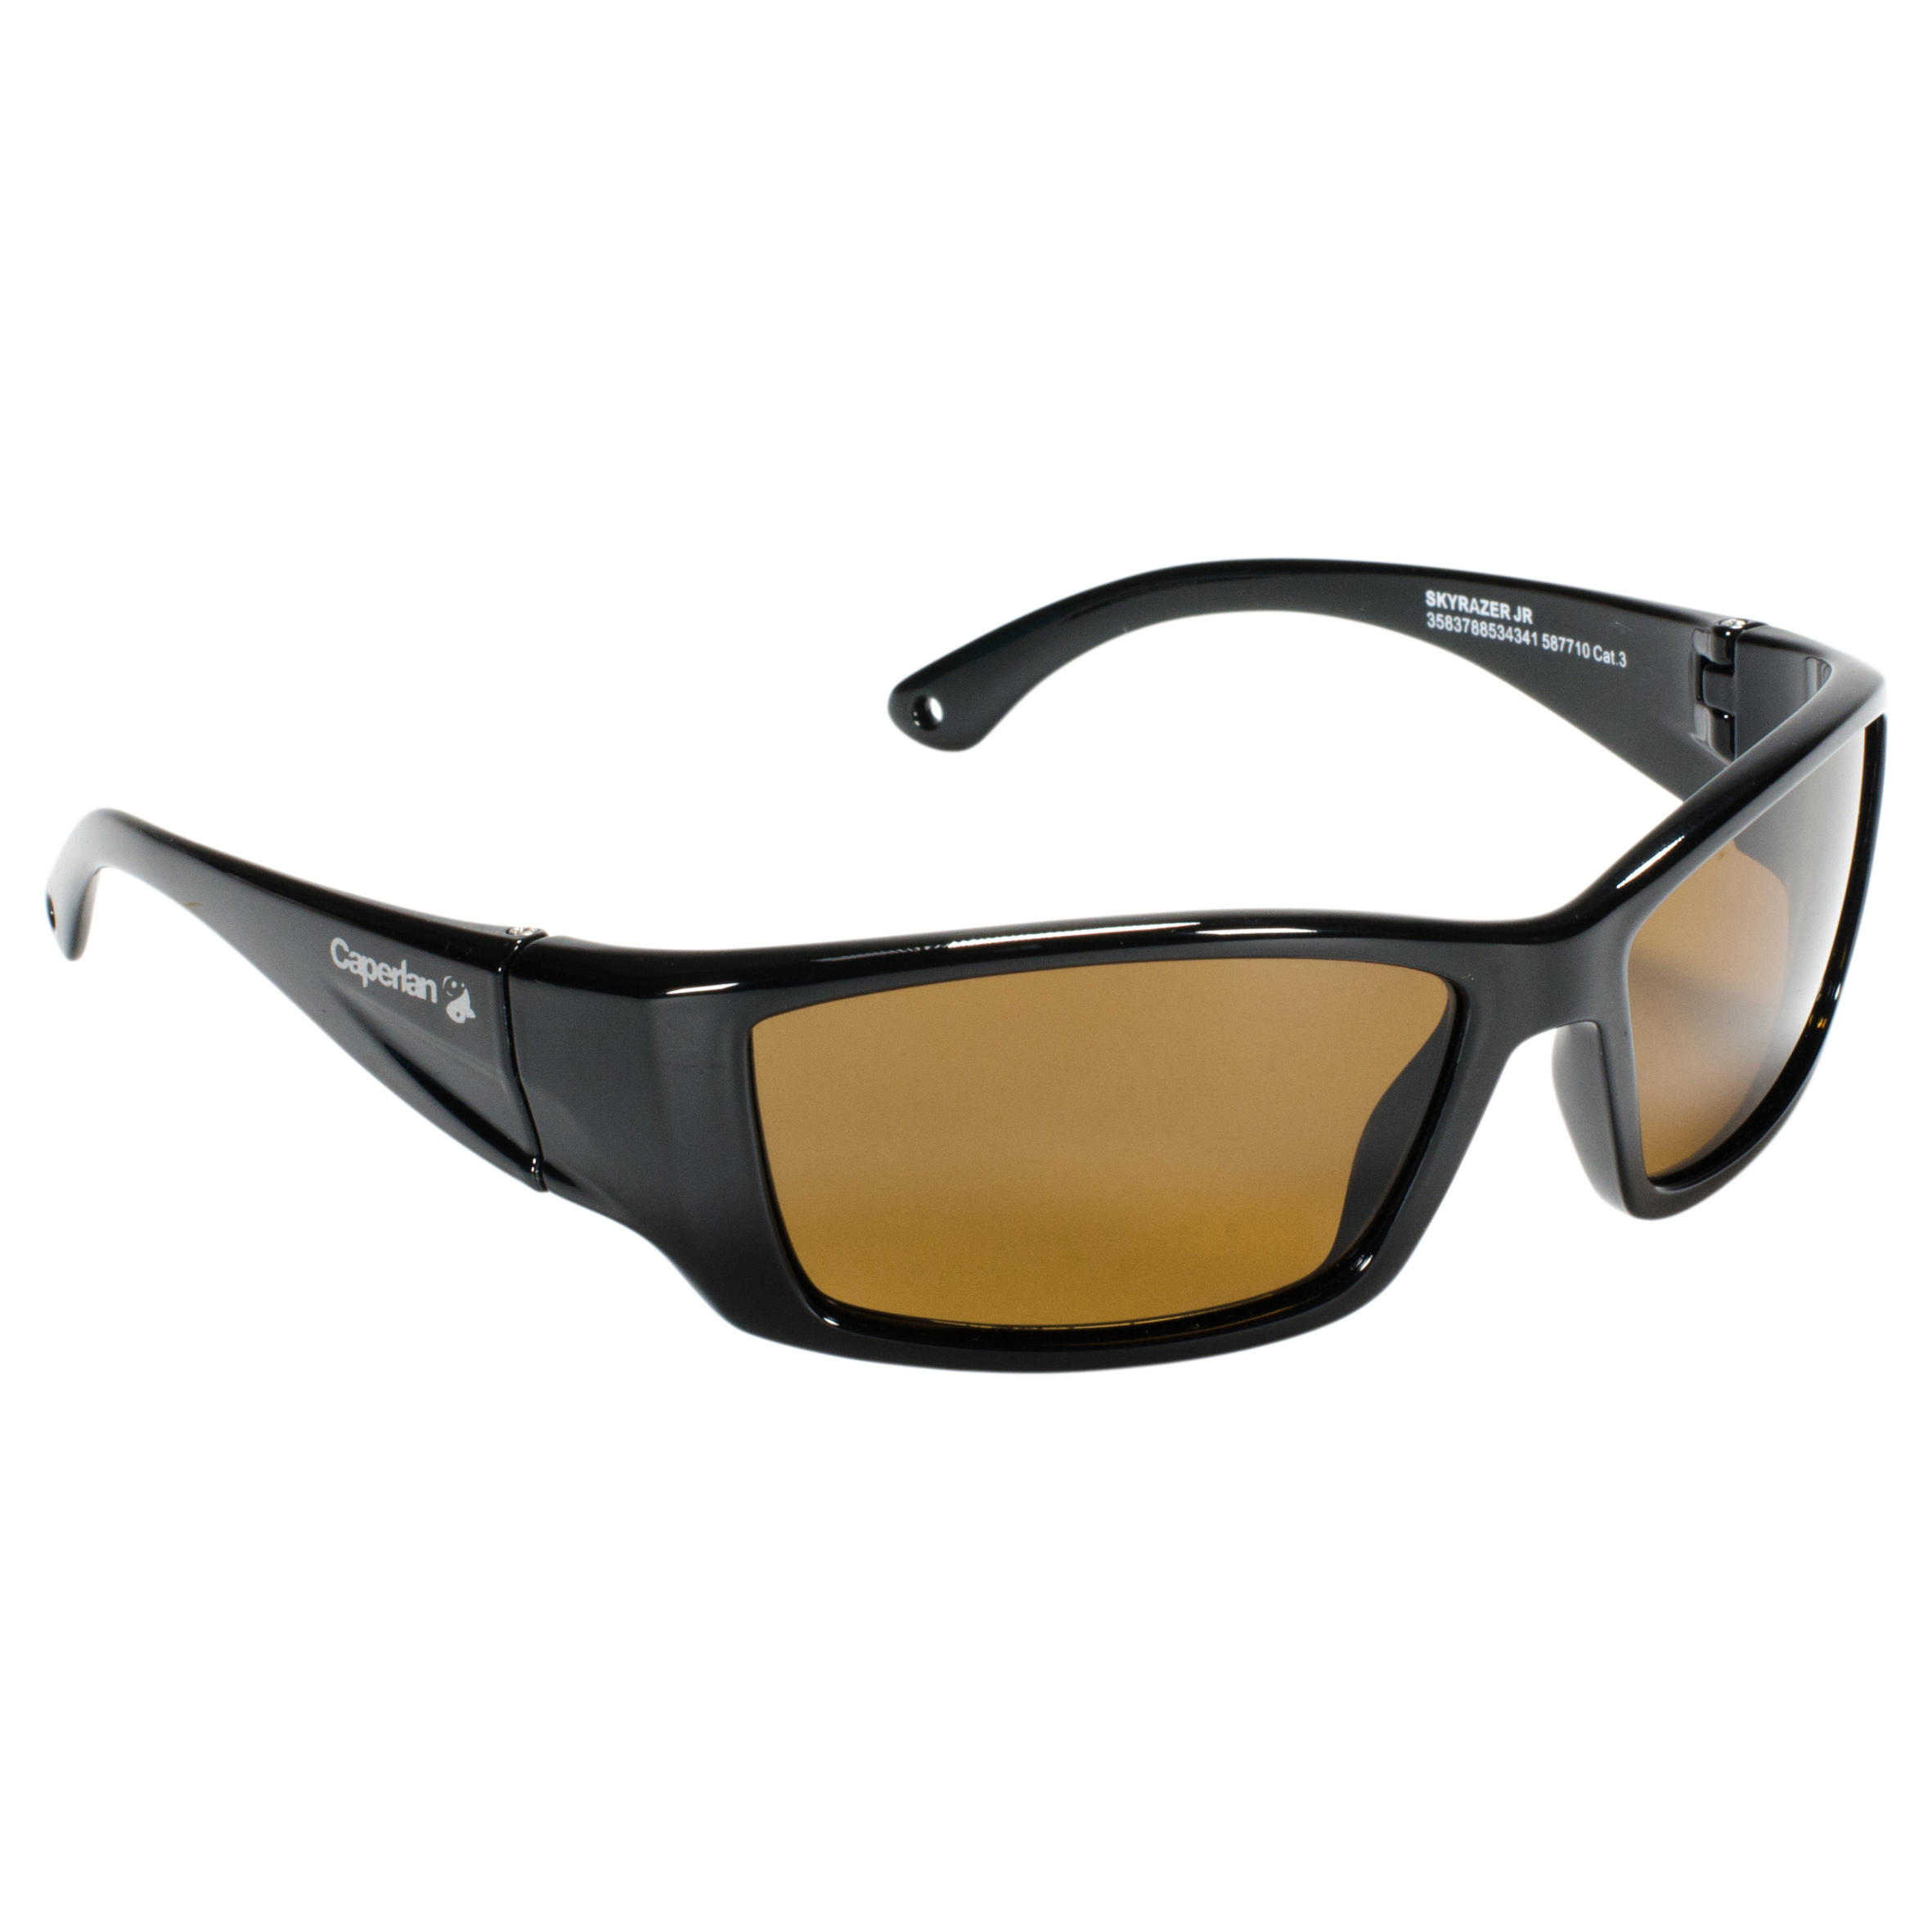 87e006ae611d Caperlan Polariserende hengelbril Skyrazer voor kinderen kopen met ...